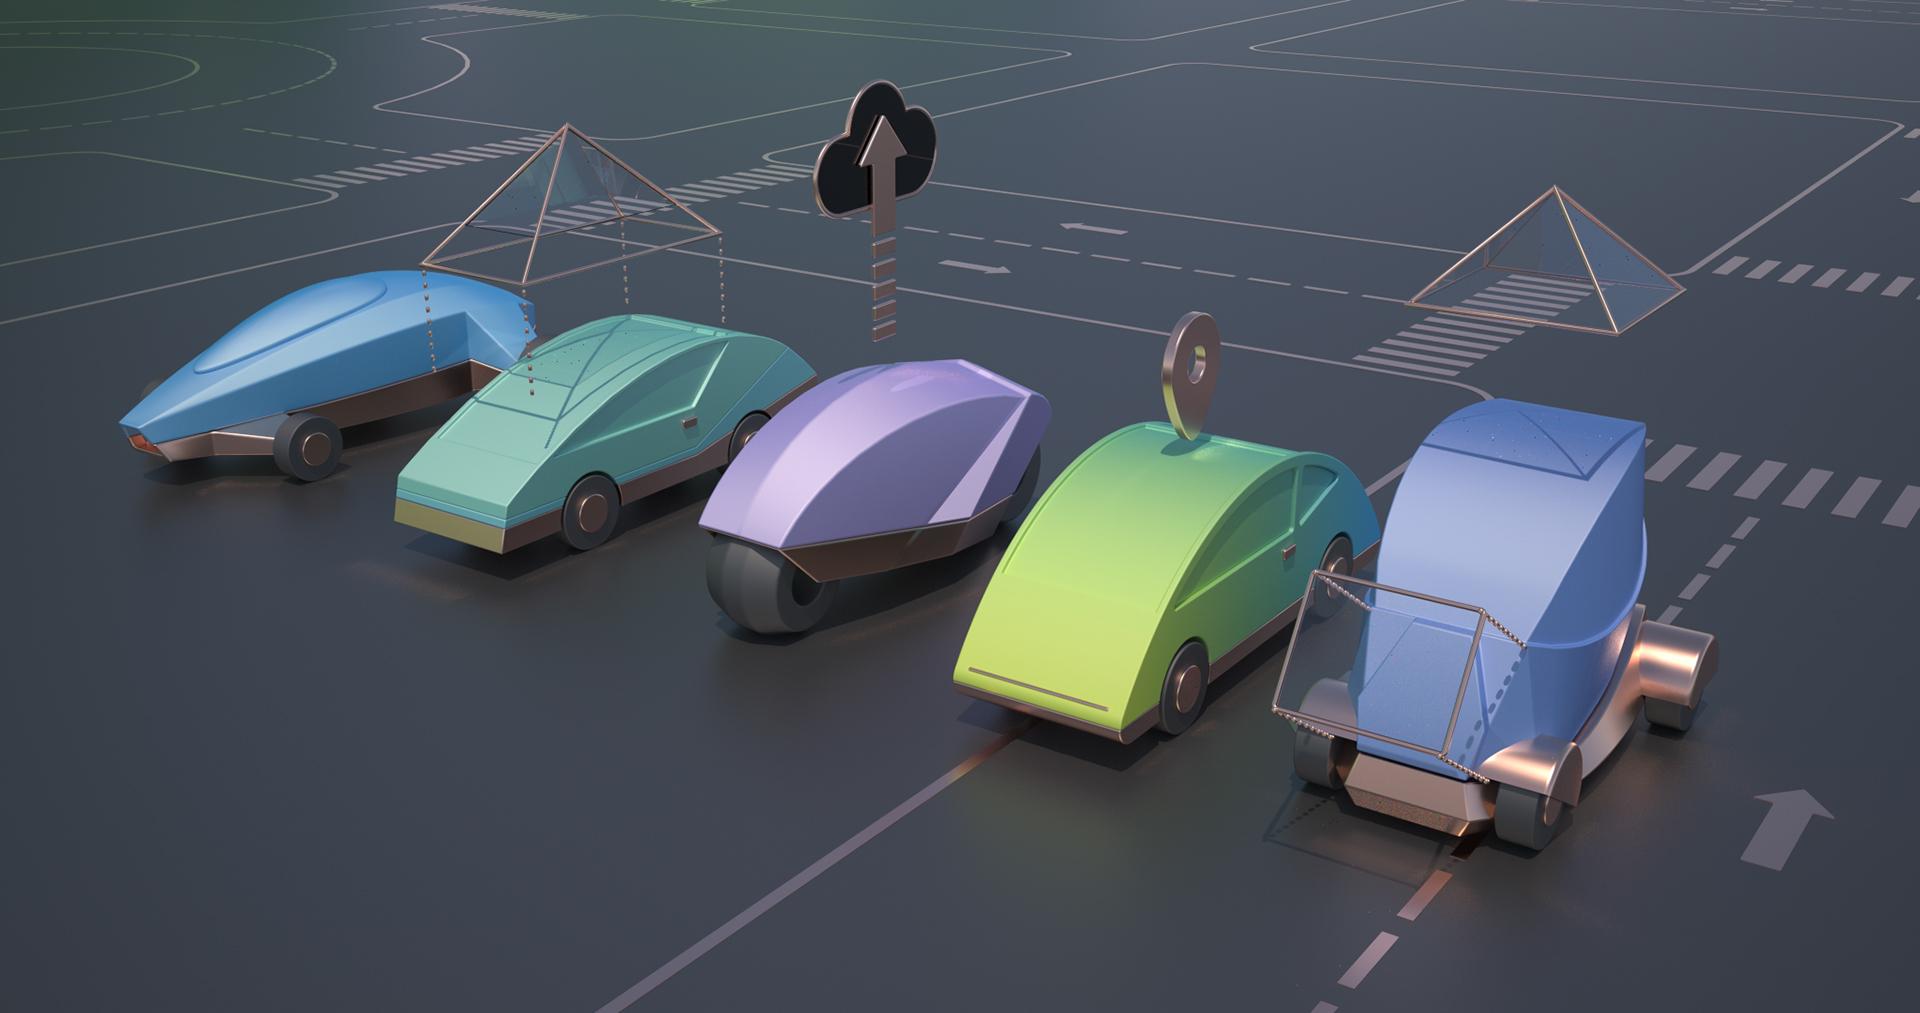 Подключенные автомобили — быстрорастущая платформа для инноваций